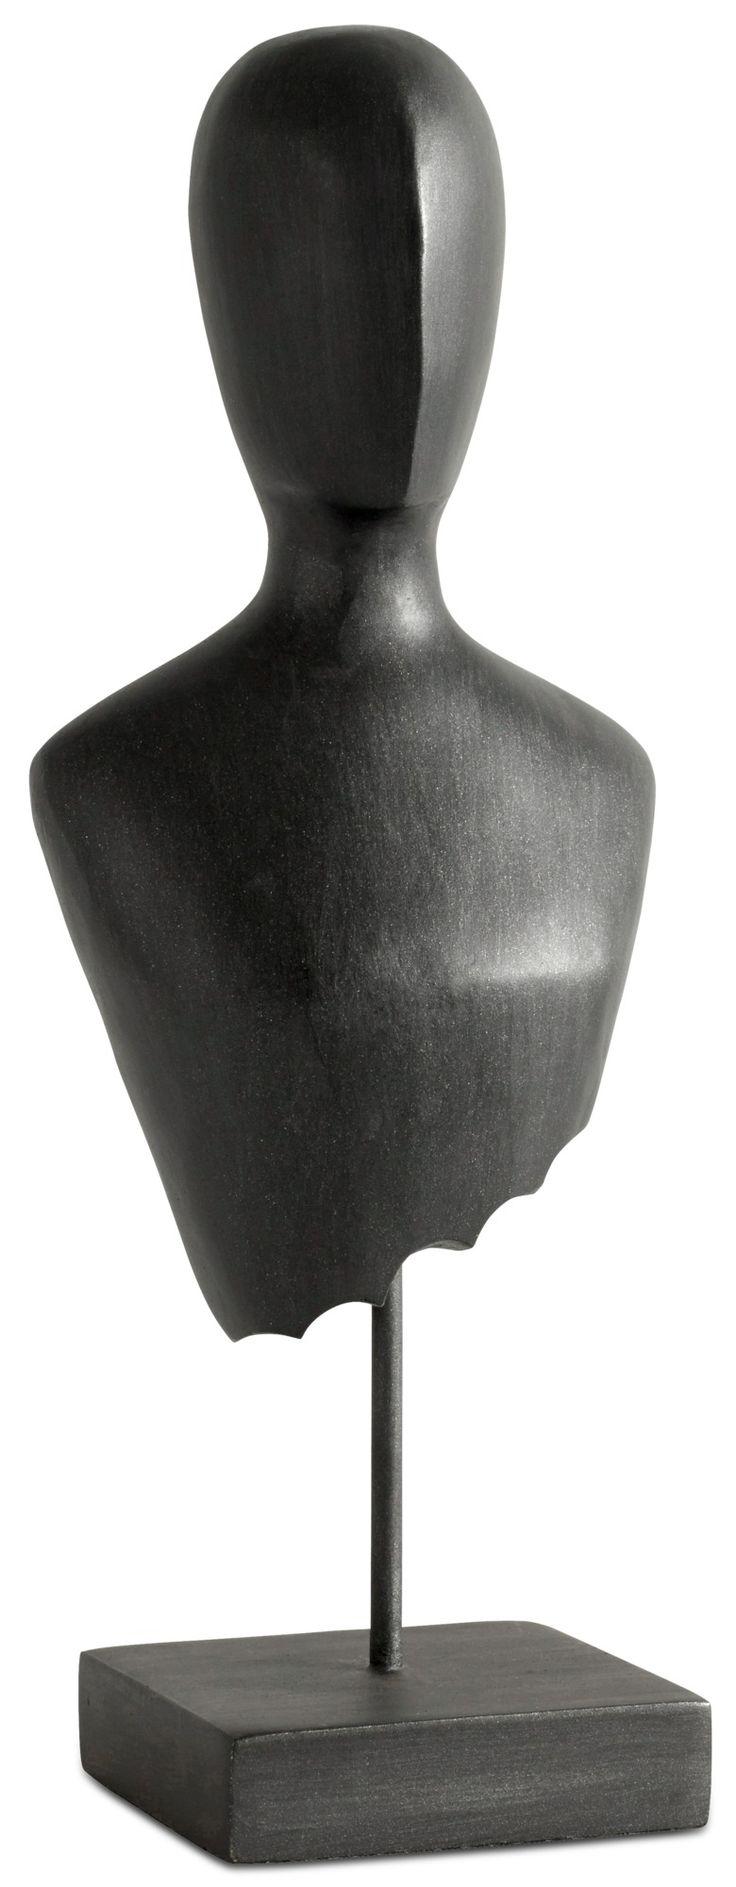 die 25 besten ideen zu holzskulpturen auf pinterest. Black Bedroom Furniture Sets. Home Design Ideas